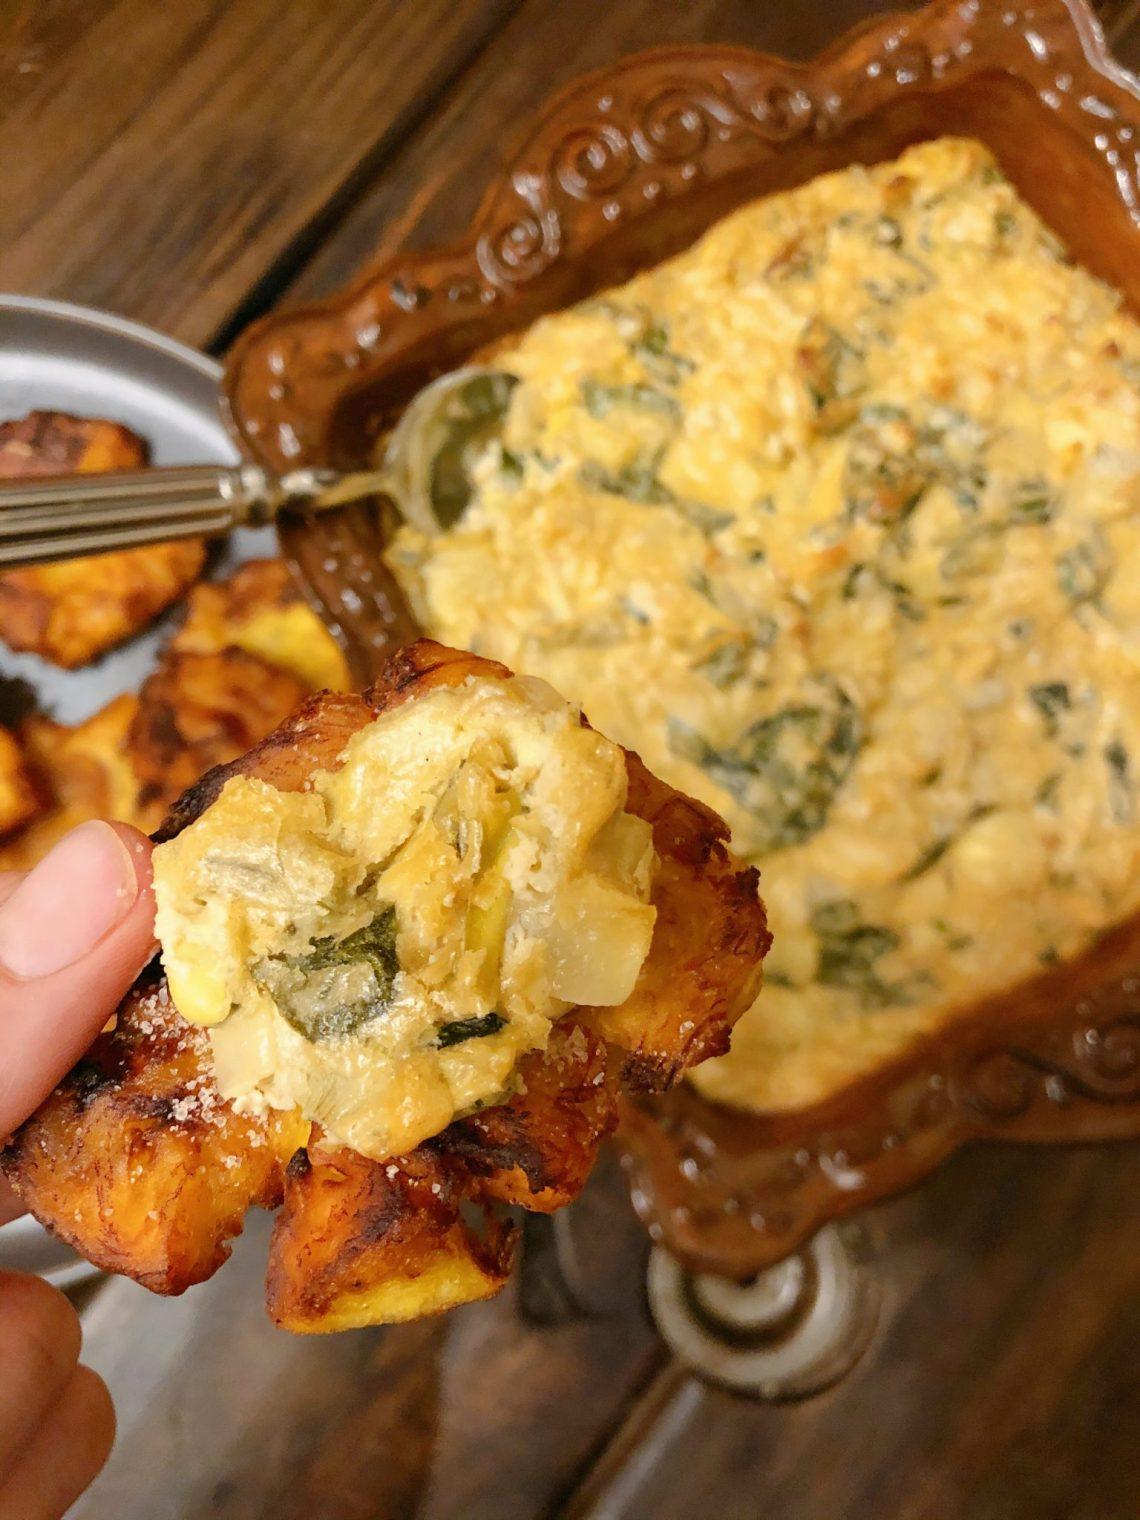 Paleo Vegan Artichoke Spinach Dip